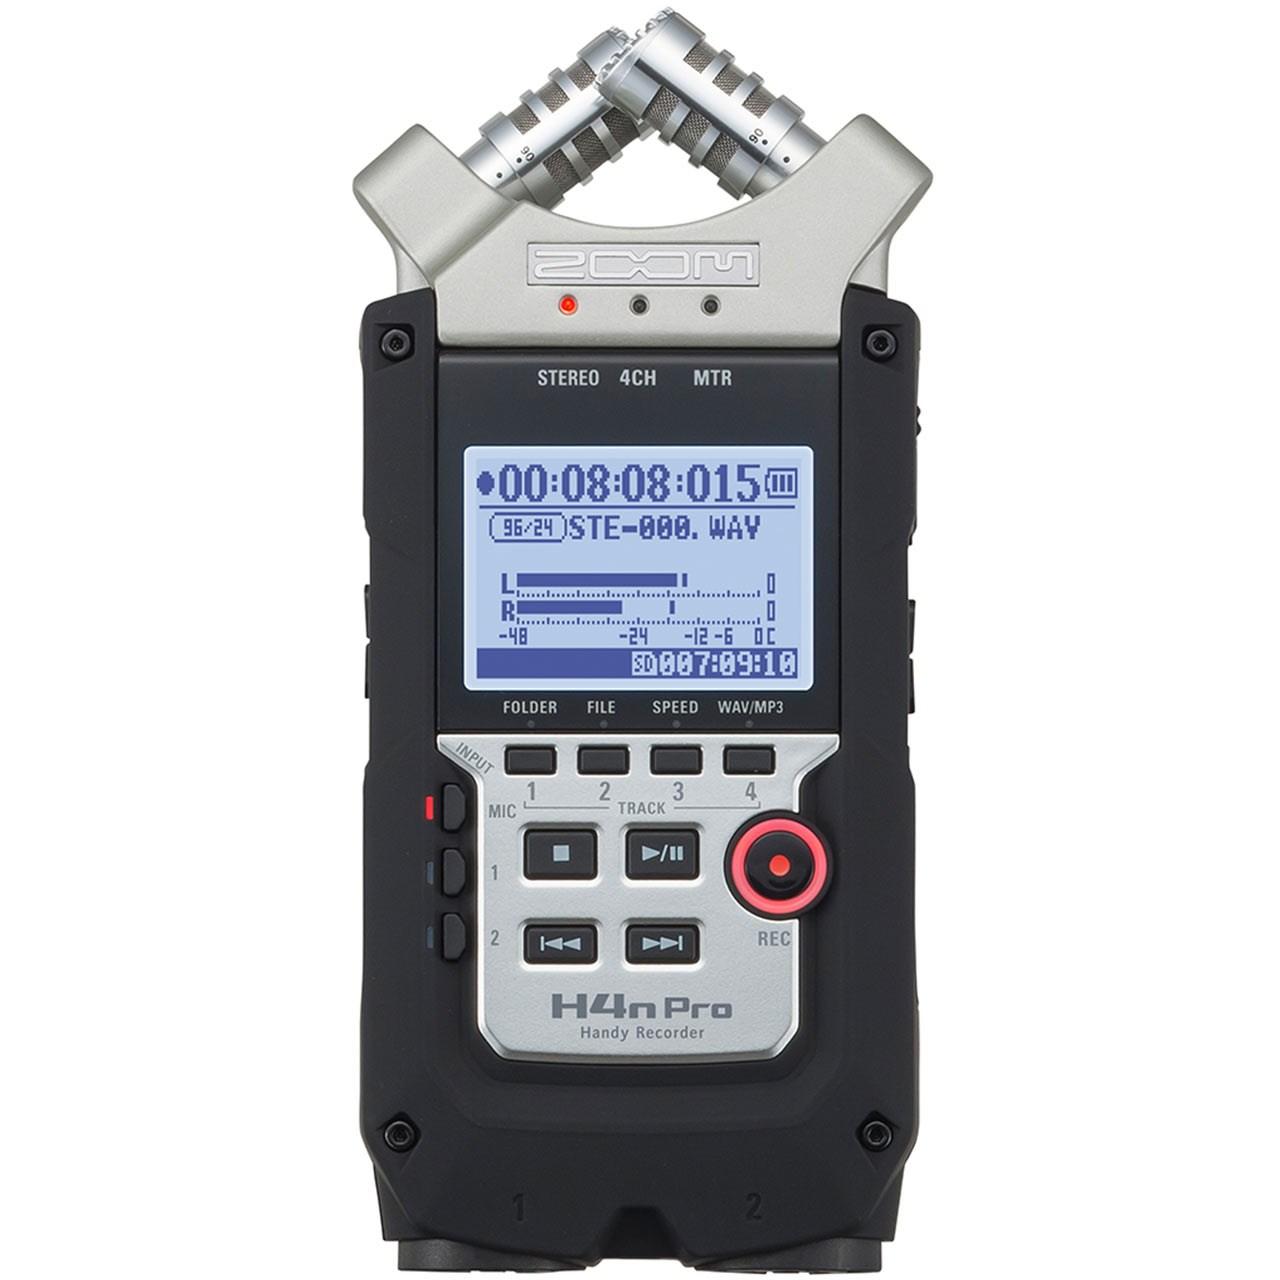 ضبط کننده حرفه ای صدا زوم مدل H4N-Pro